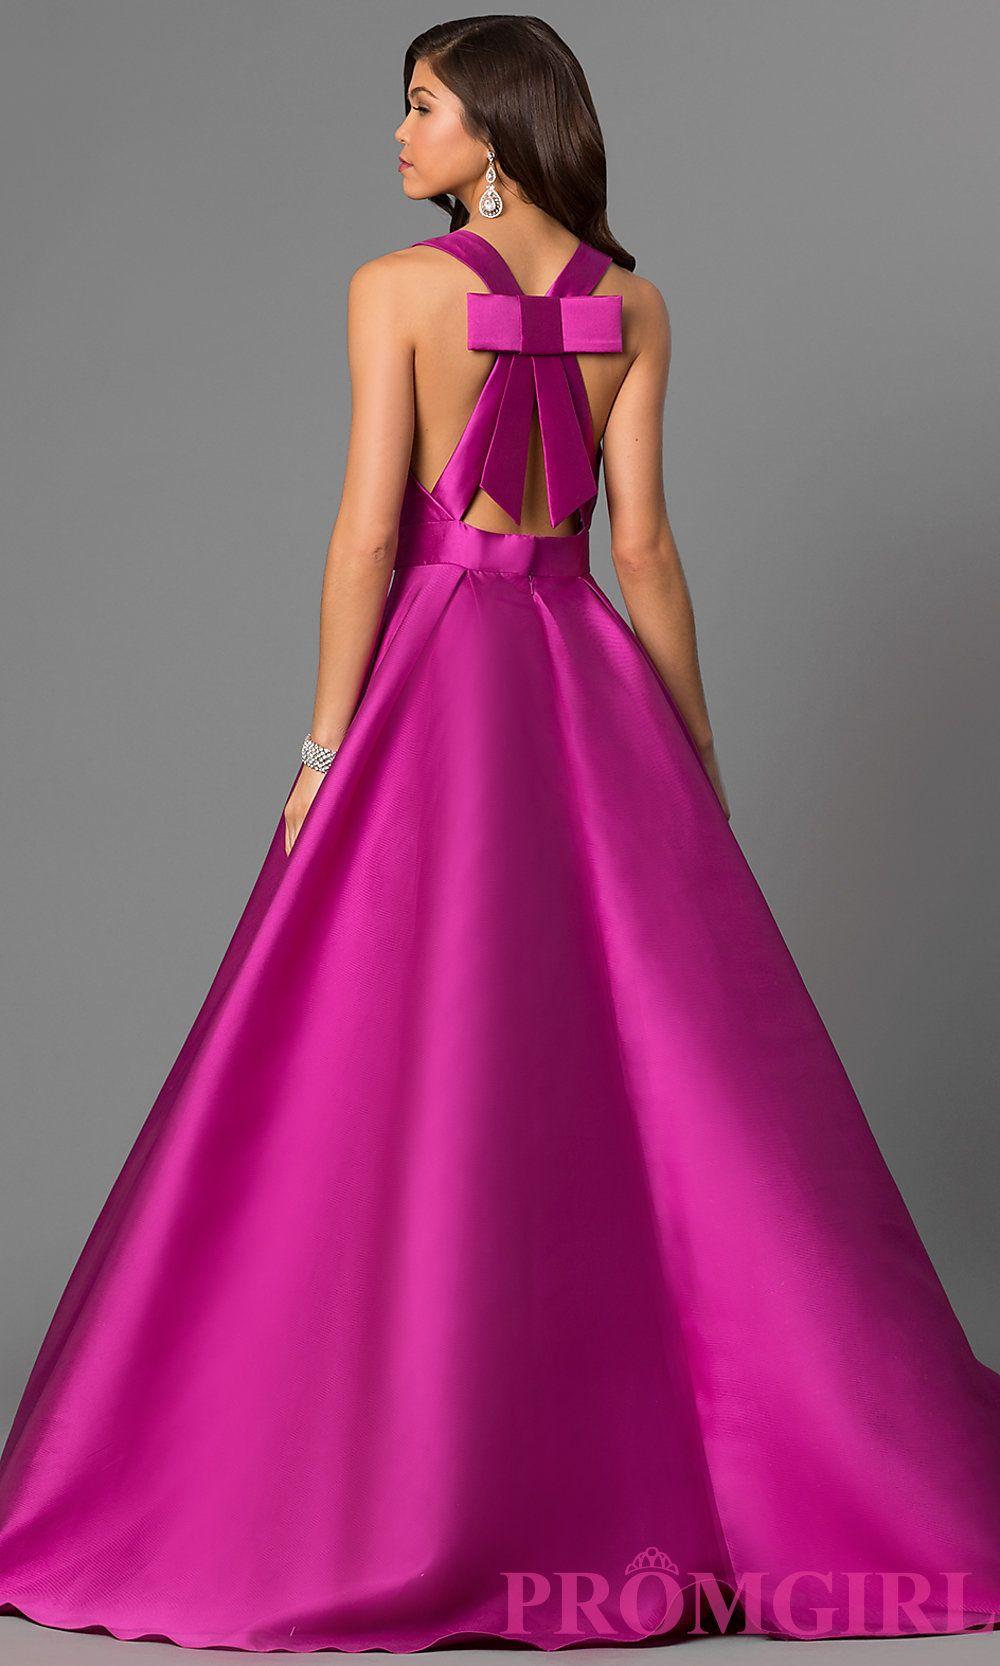 I like style jojvnjvn from promgirl do you like prom